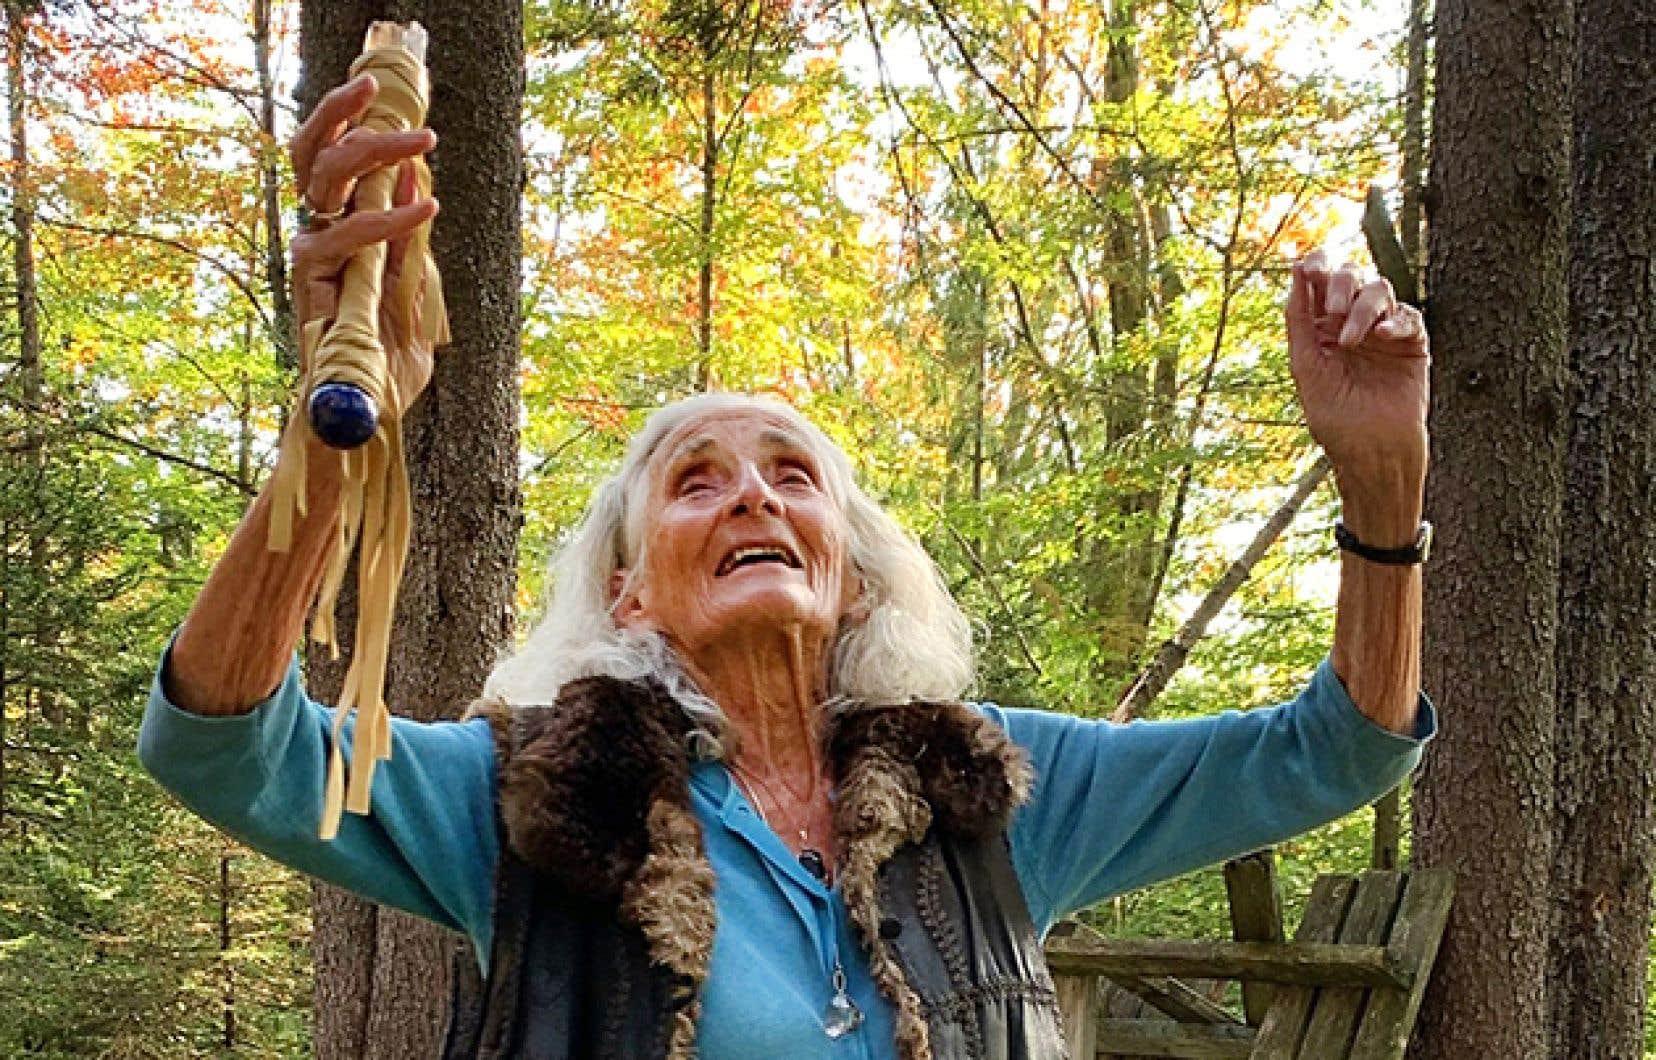 La grande manitou de 89 ans Michèle Peter interpelle l'esprit des lieux devant son cercle sacré, au cœur des montagnes Vertes.